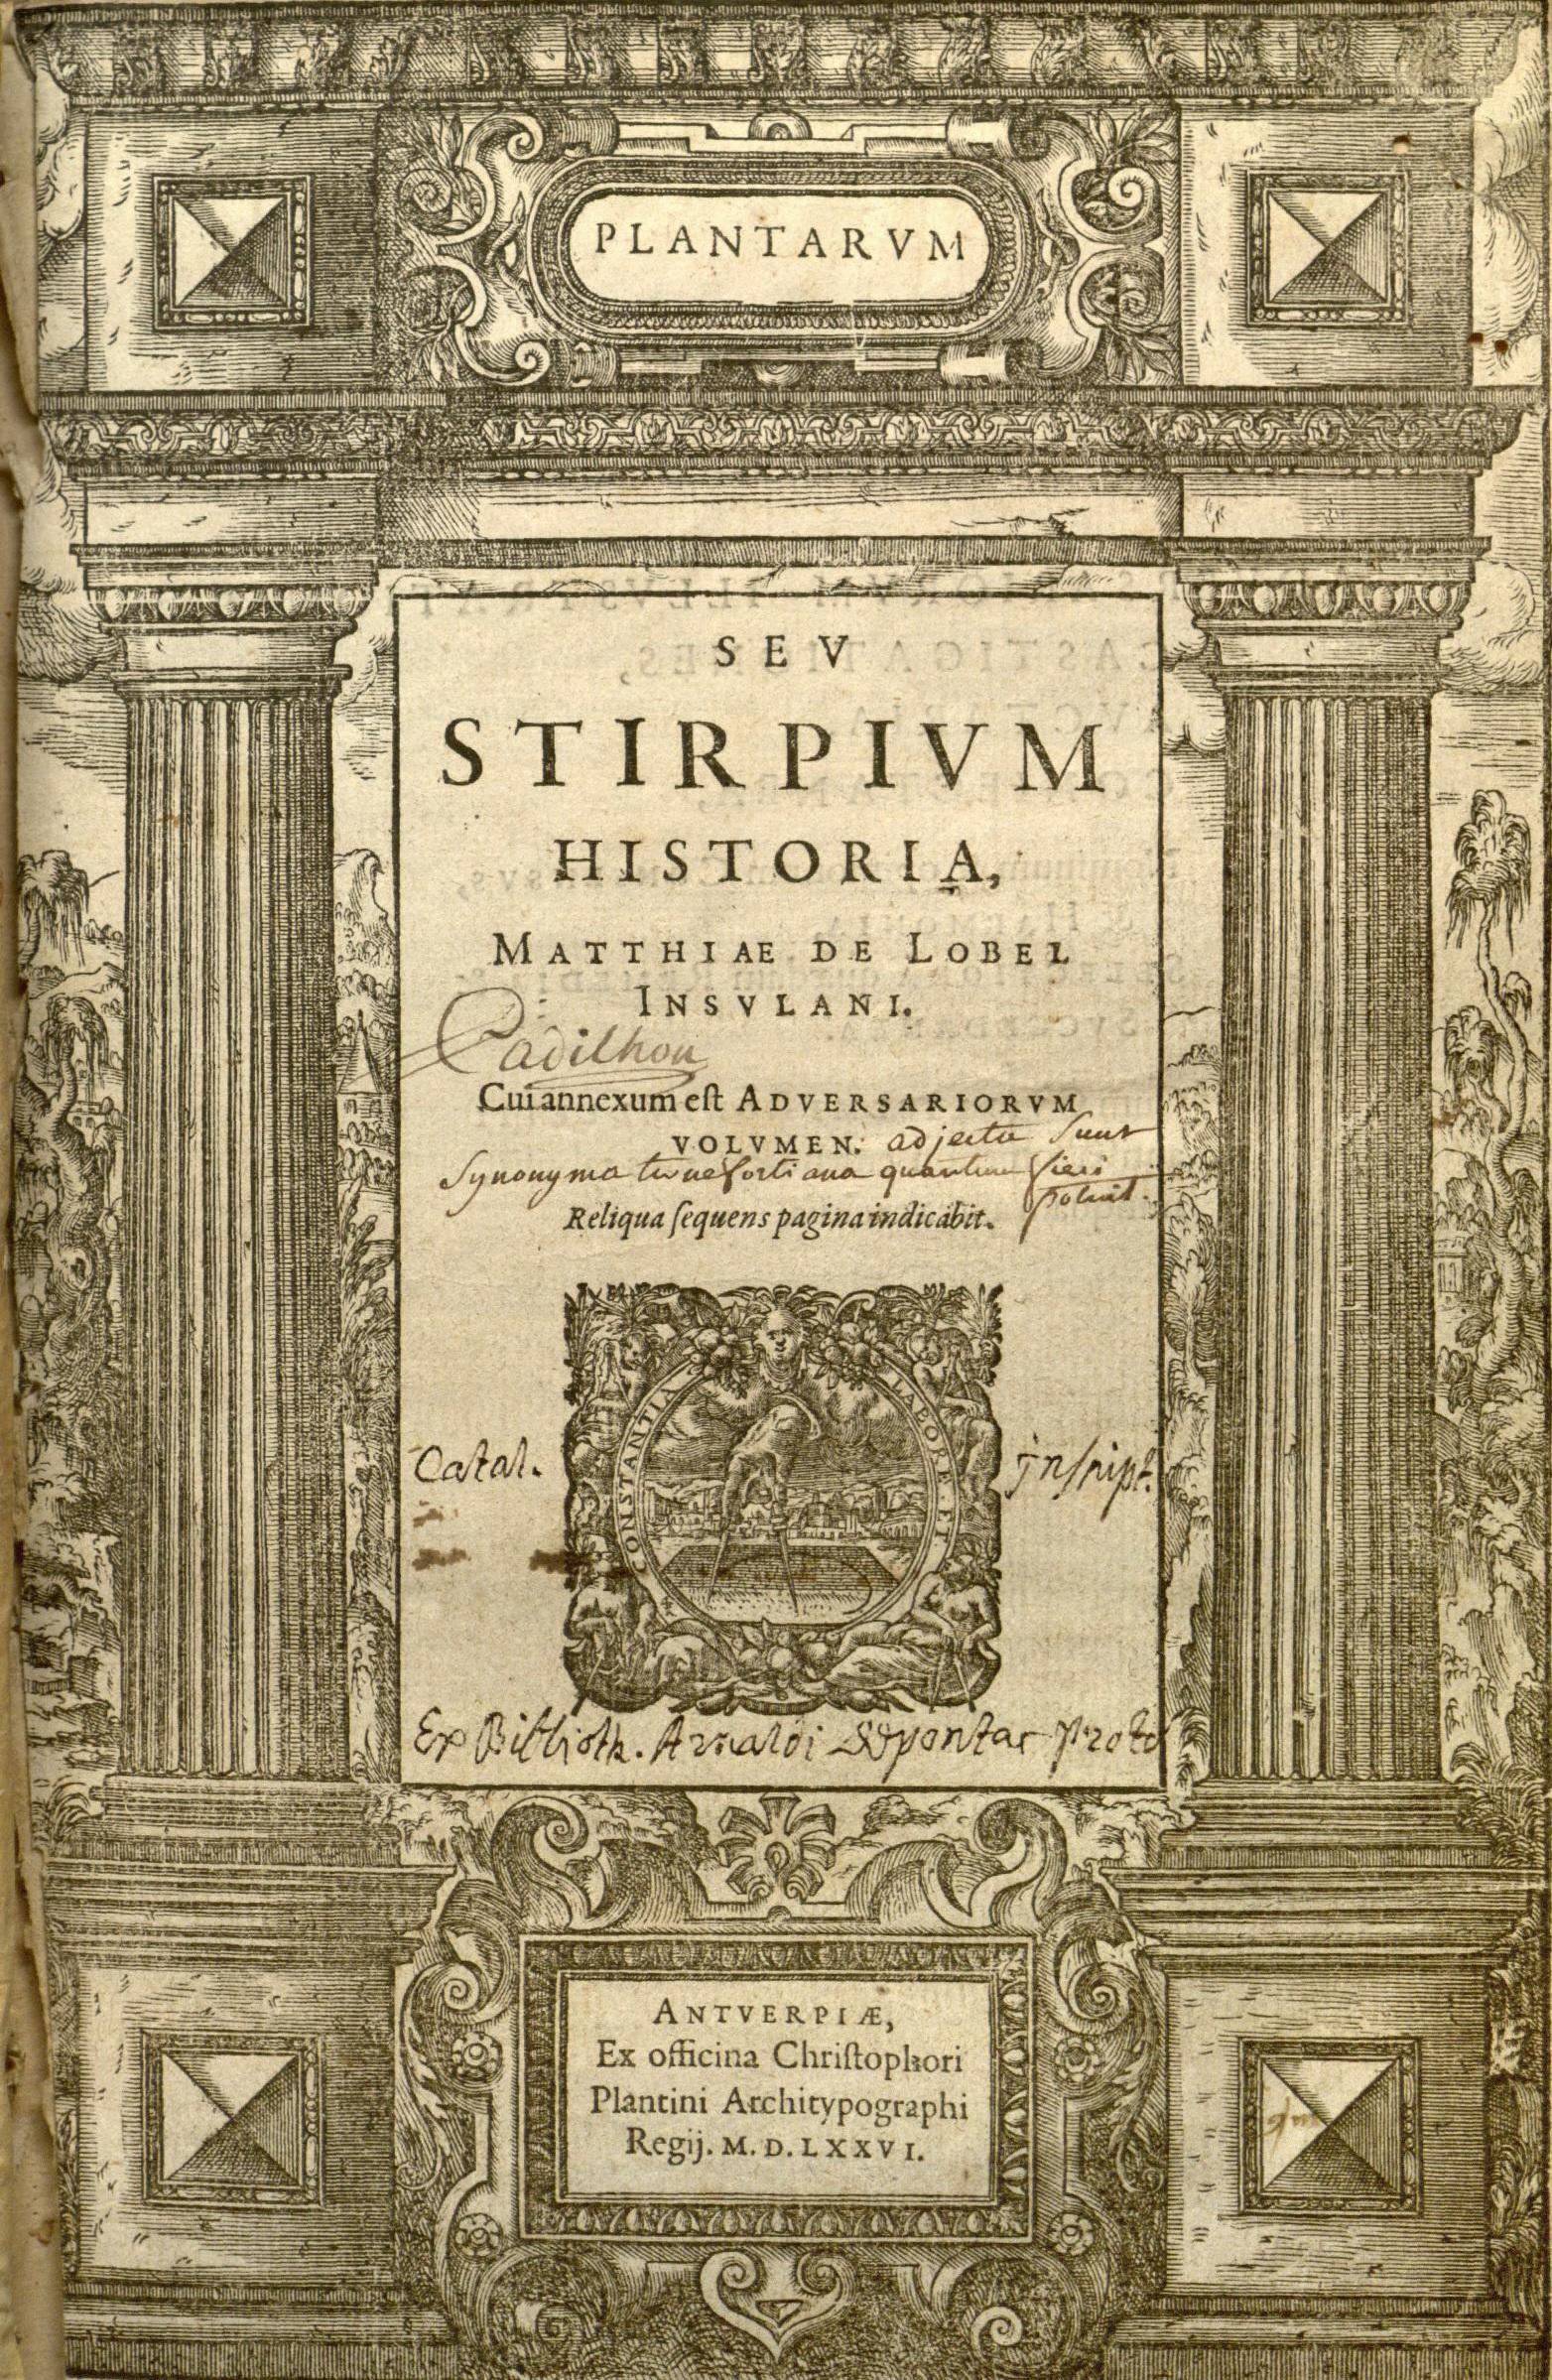 Plantarum,_seu,_Stirpium_historia_(Title_page)